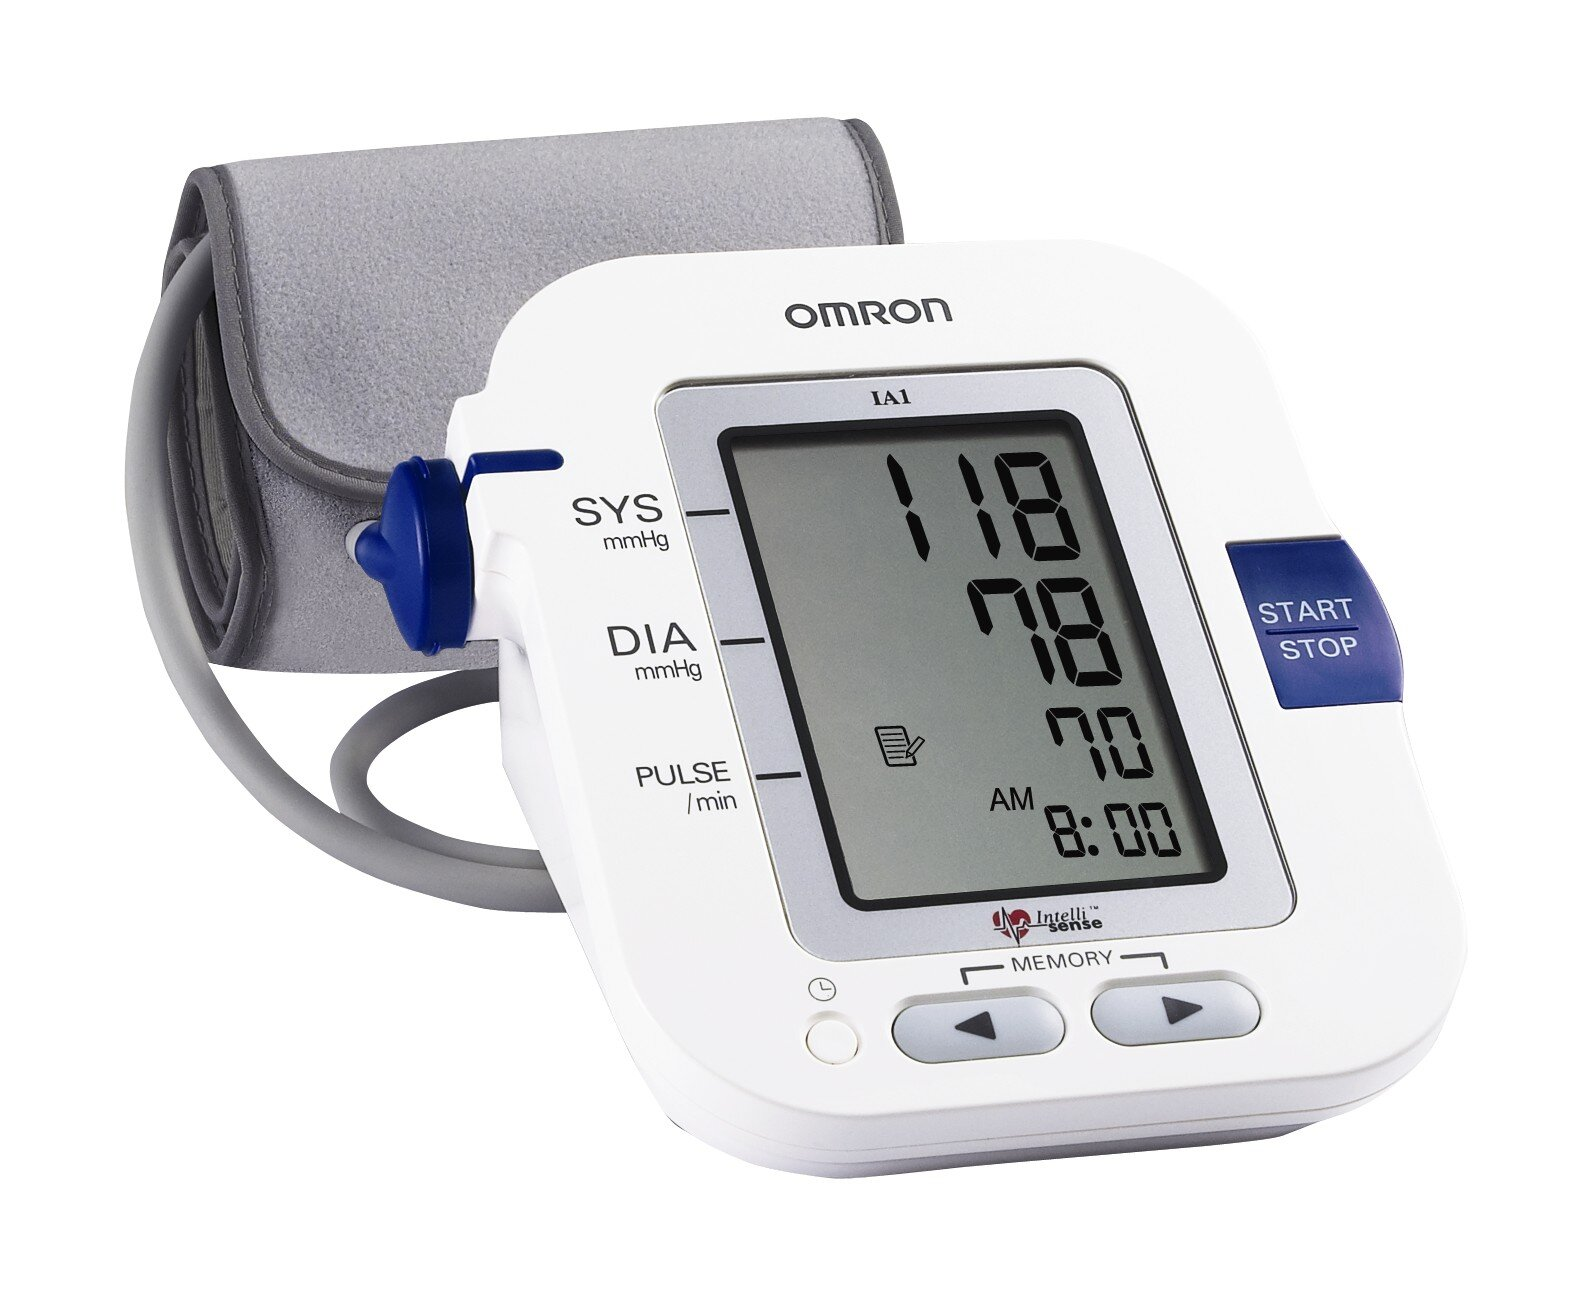 Bảo quản đúng cách để kéo dài tuổi thọ máy đo huyết áp